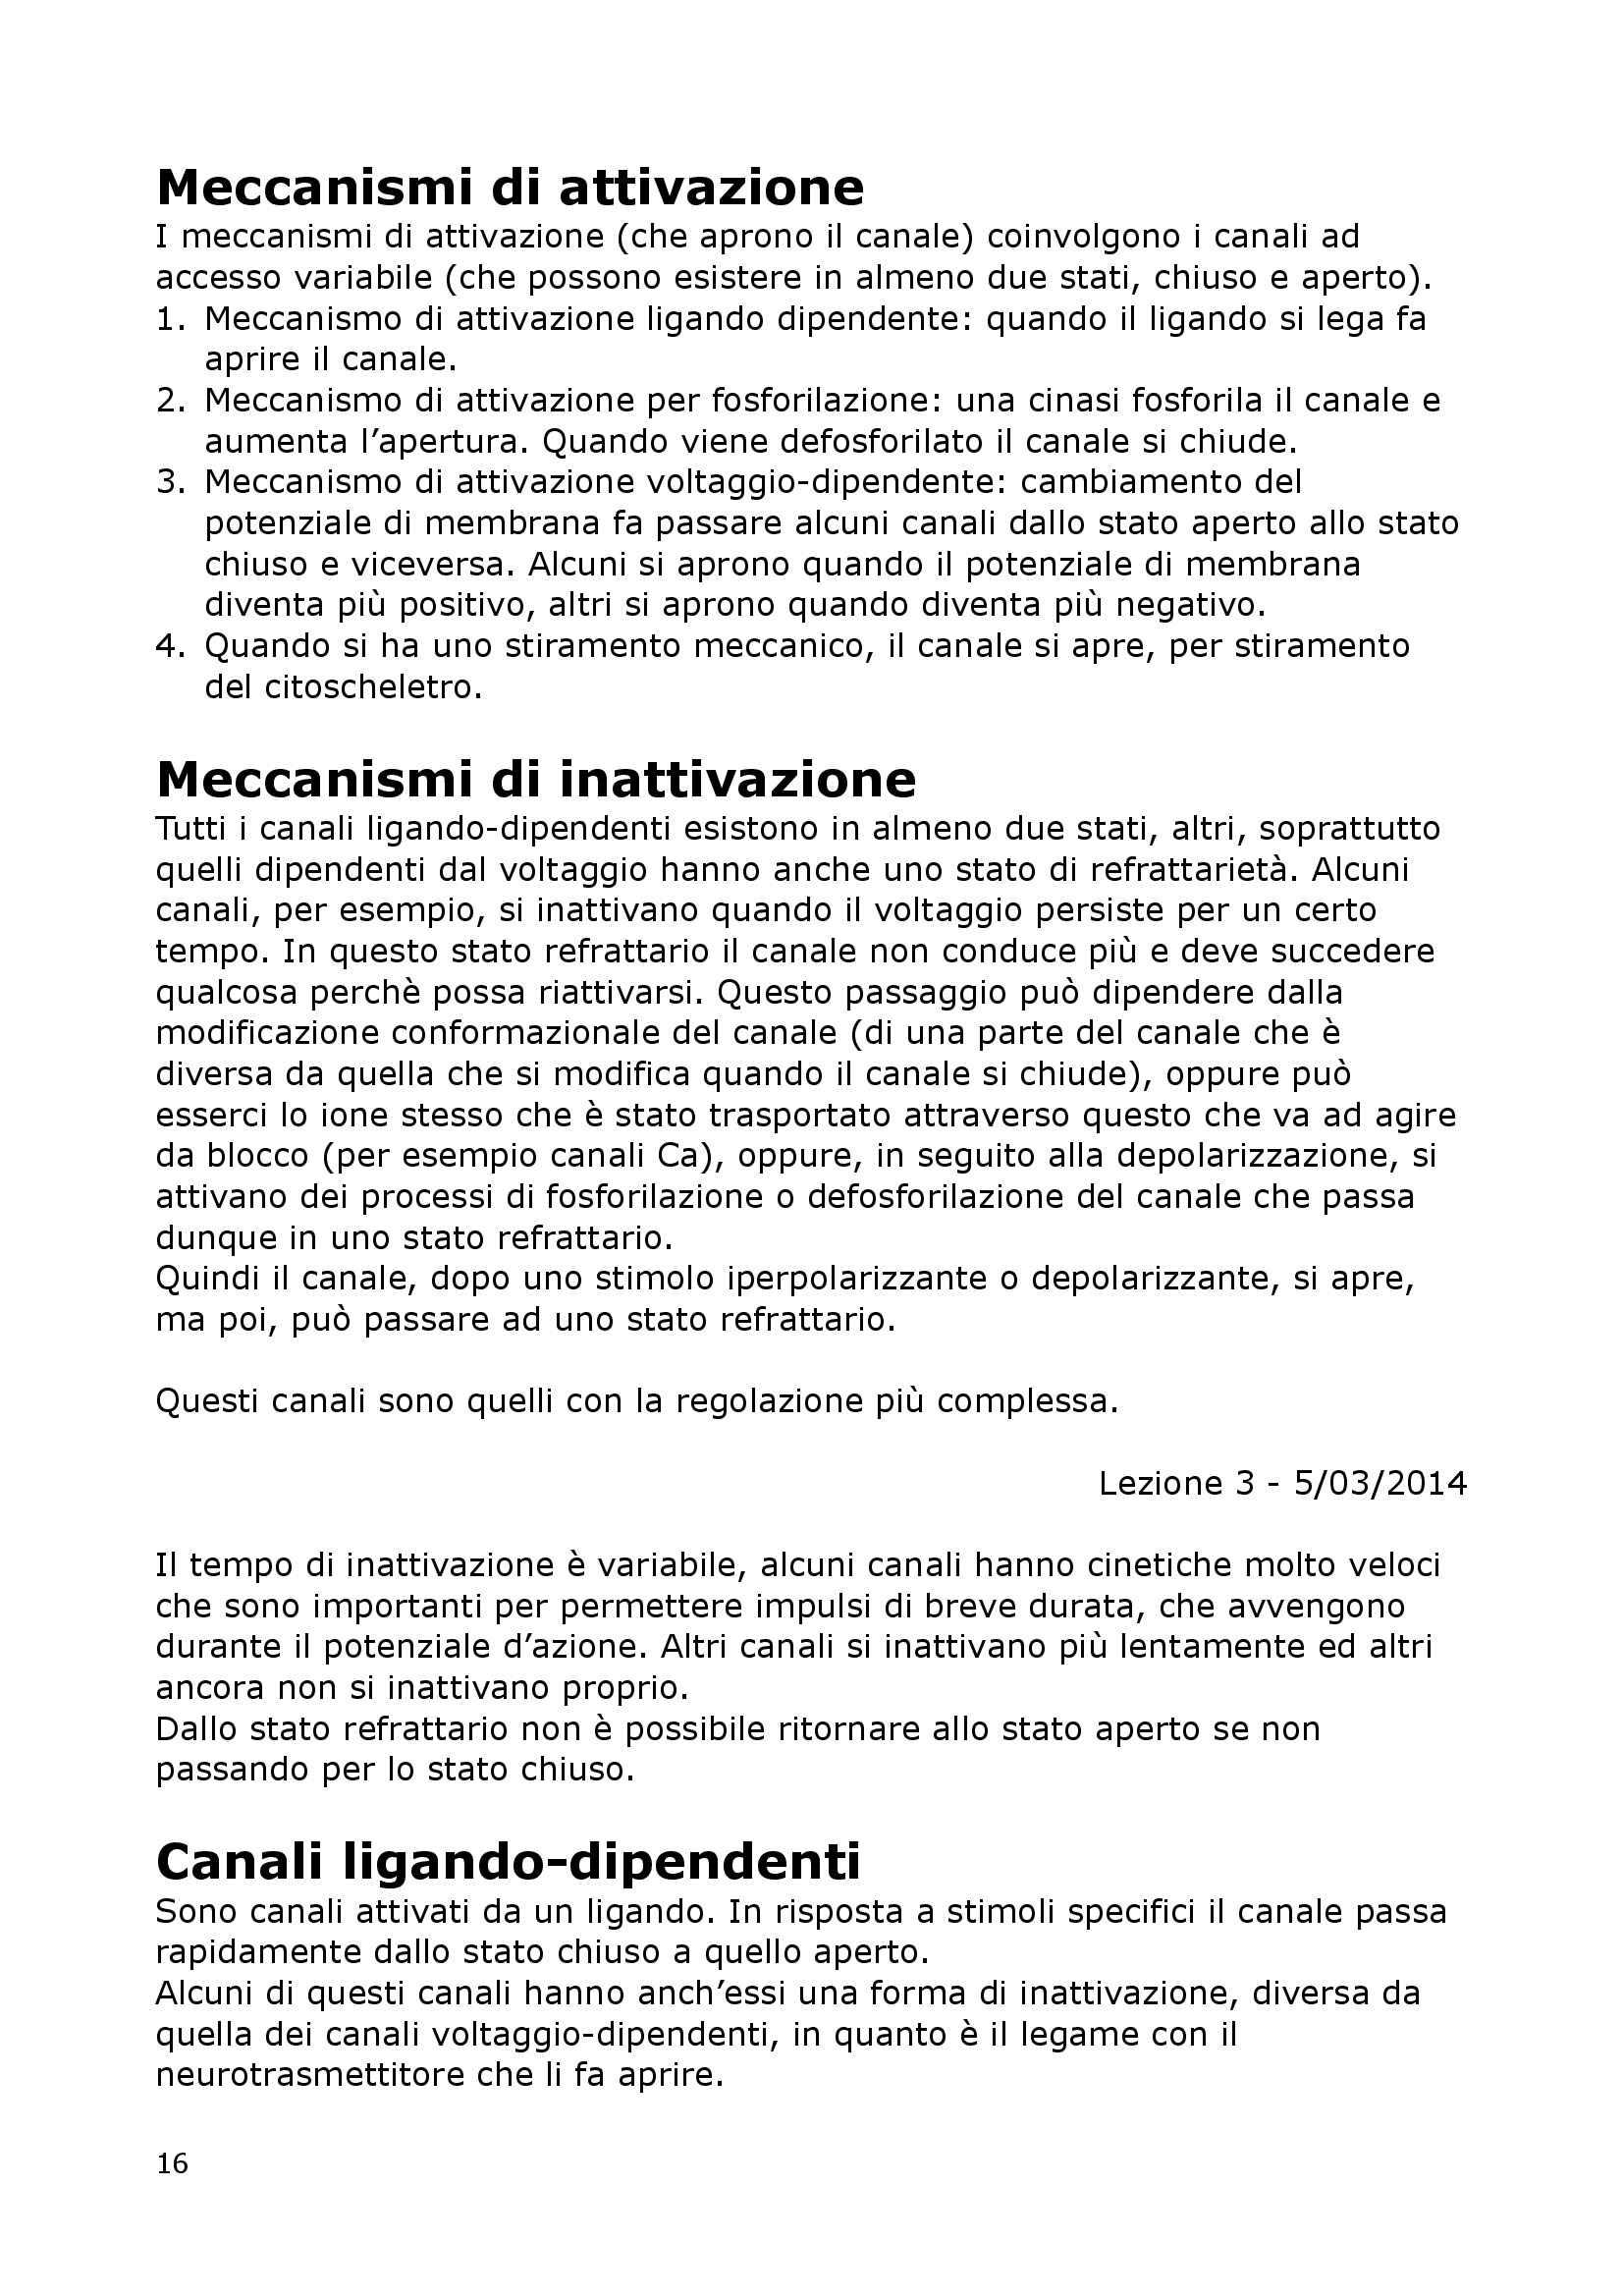 Fisiologia Del Neurone E Della Sinapsi - Fisiologia I Pag. 16